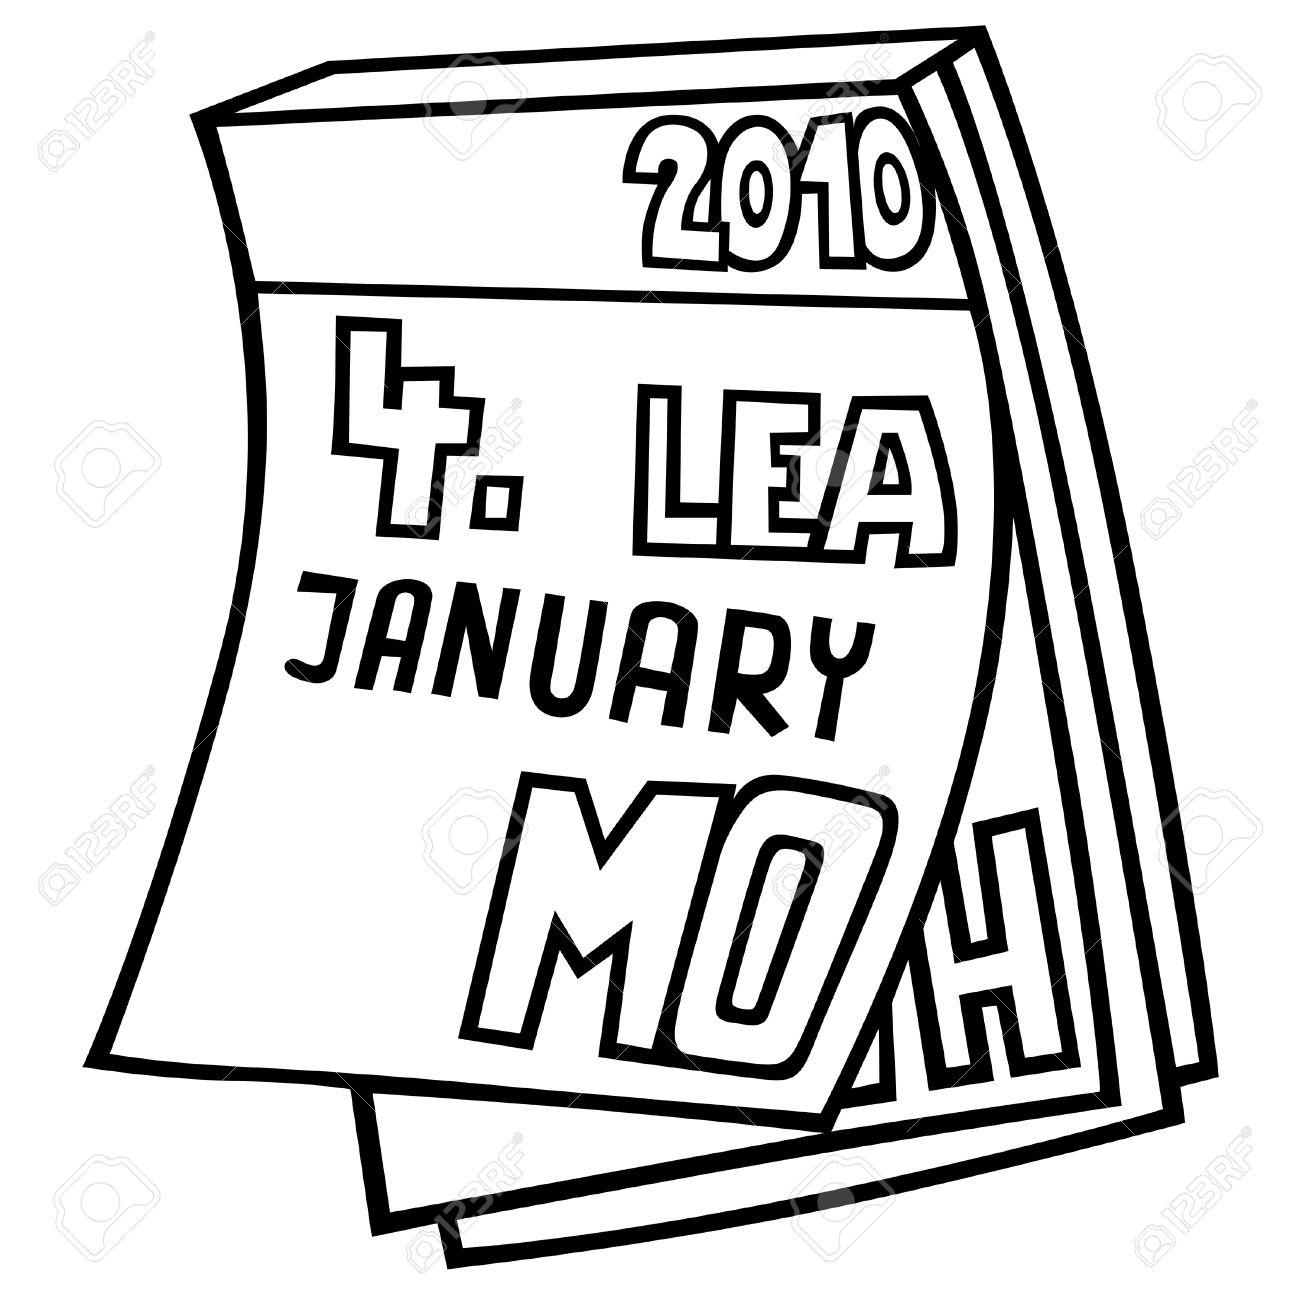 Calendario Dibujo Blanco Y Negro.Tear Off Calendario Ilustracion De Dibujos Animados De Blanco Y Negro Vector